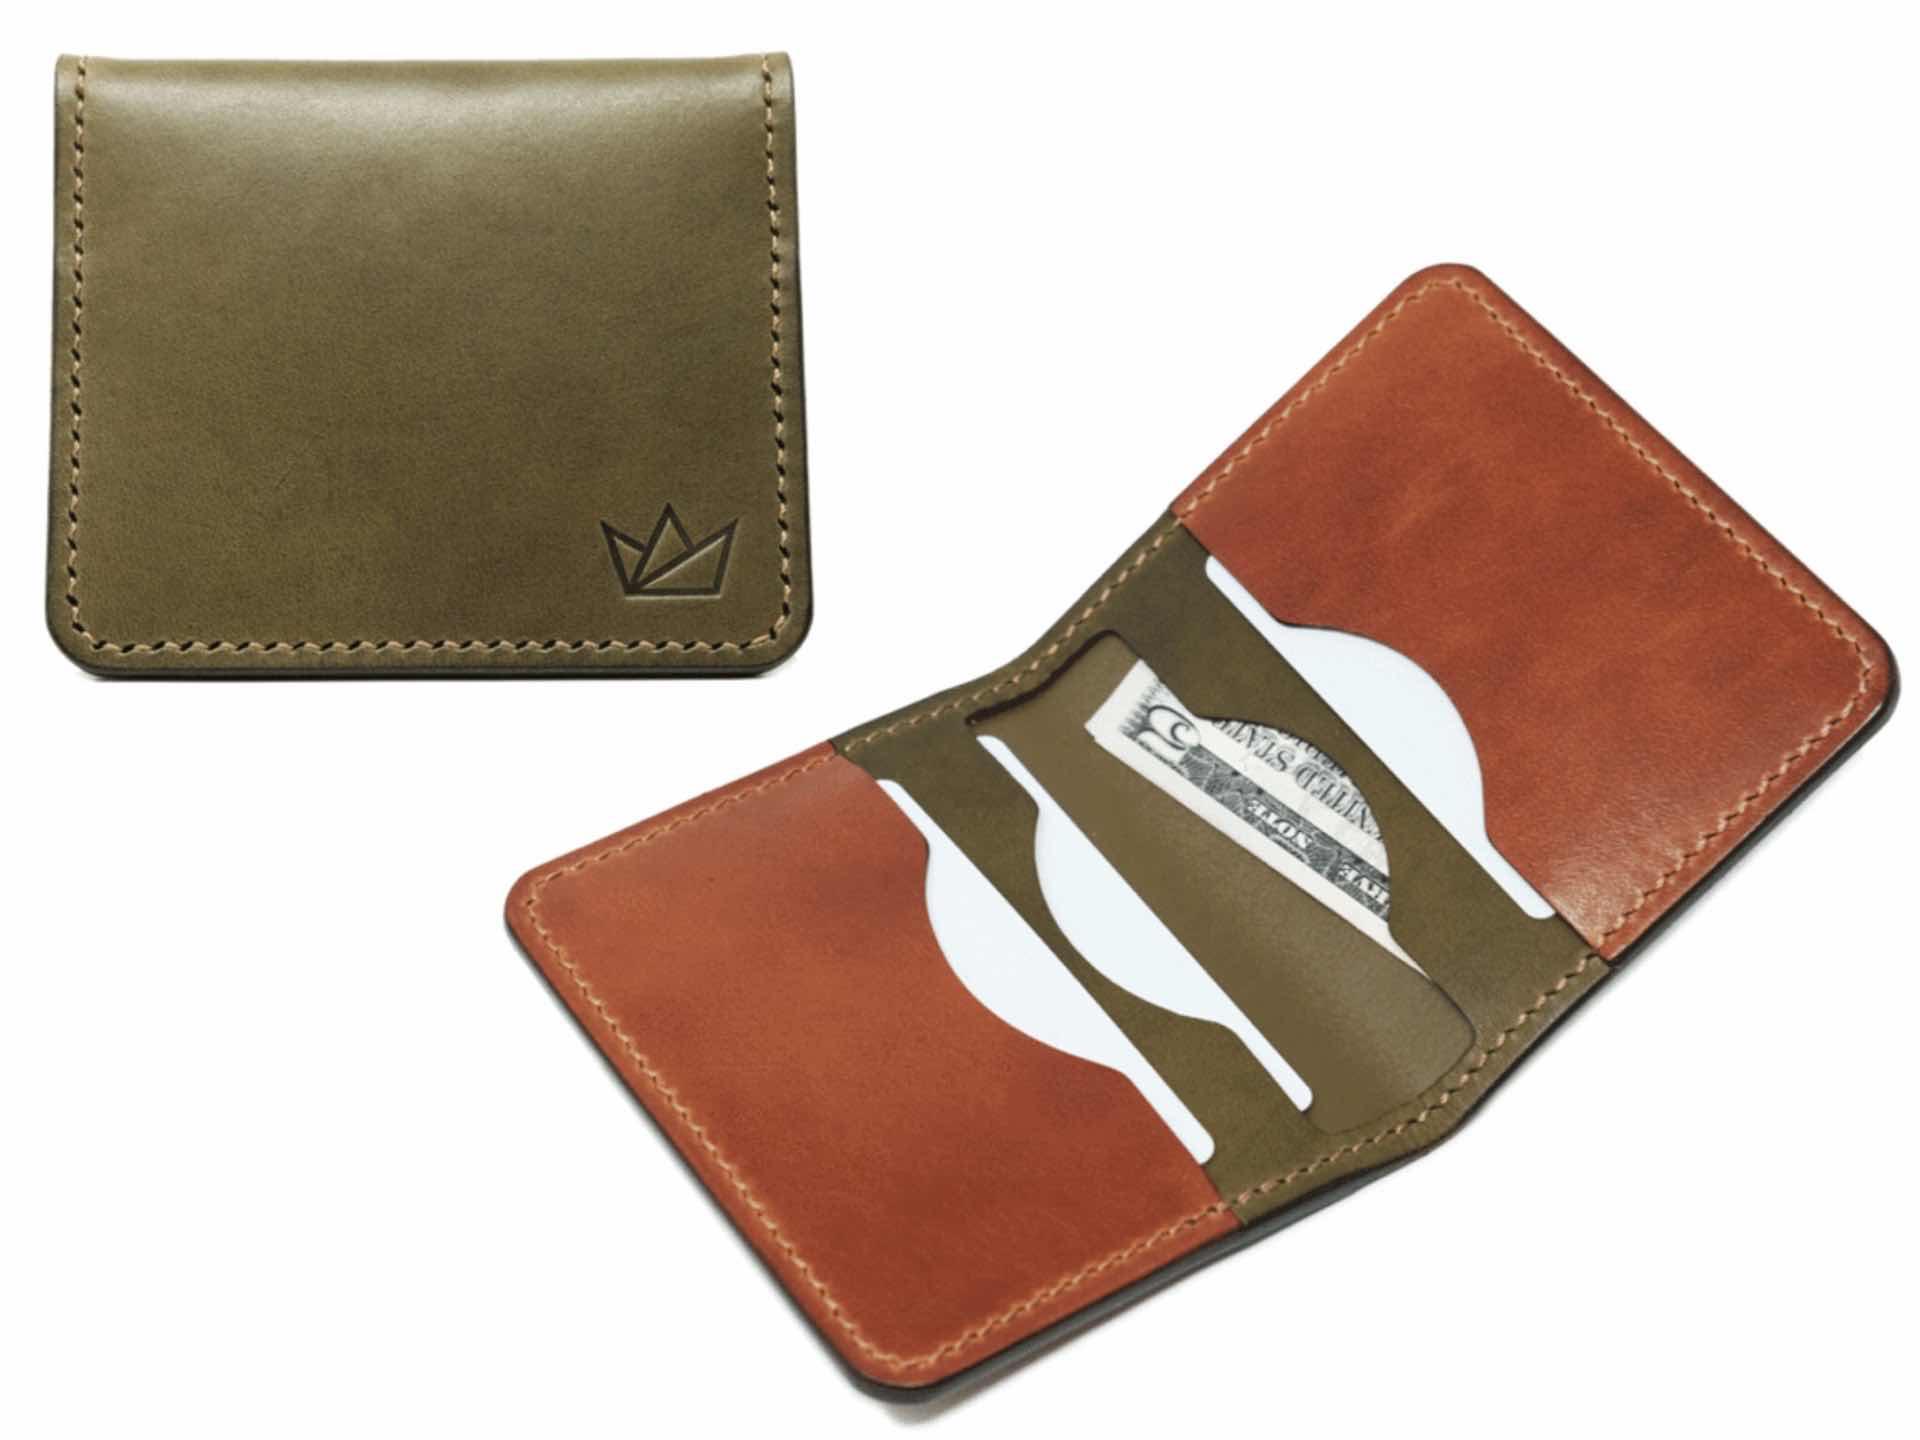 little-king-goods-v2-leather-wallet